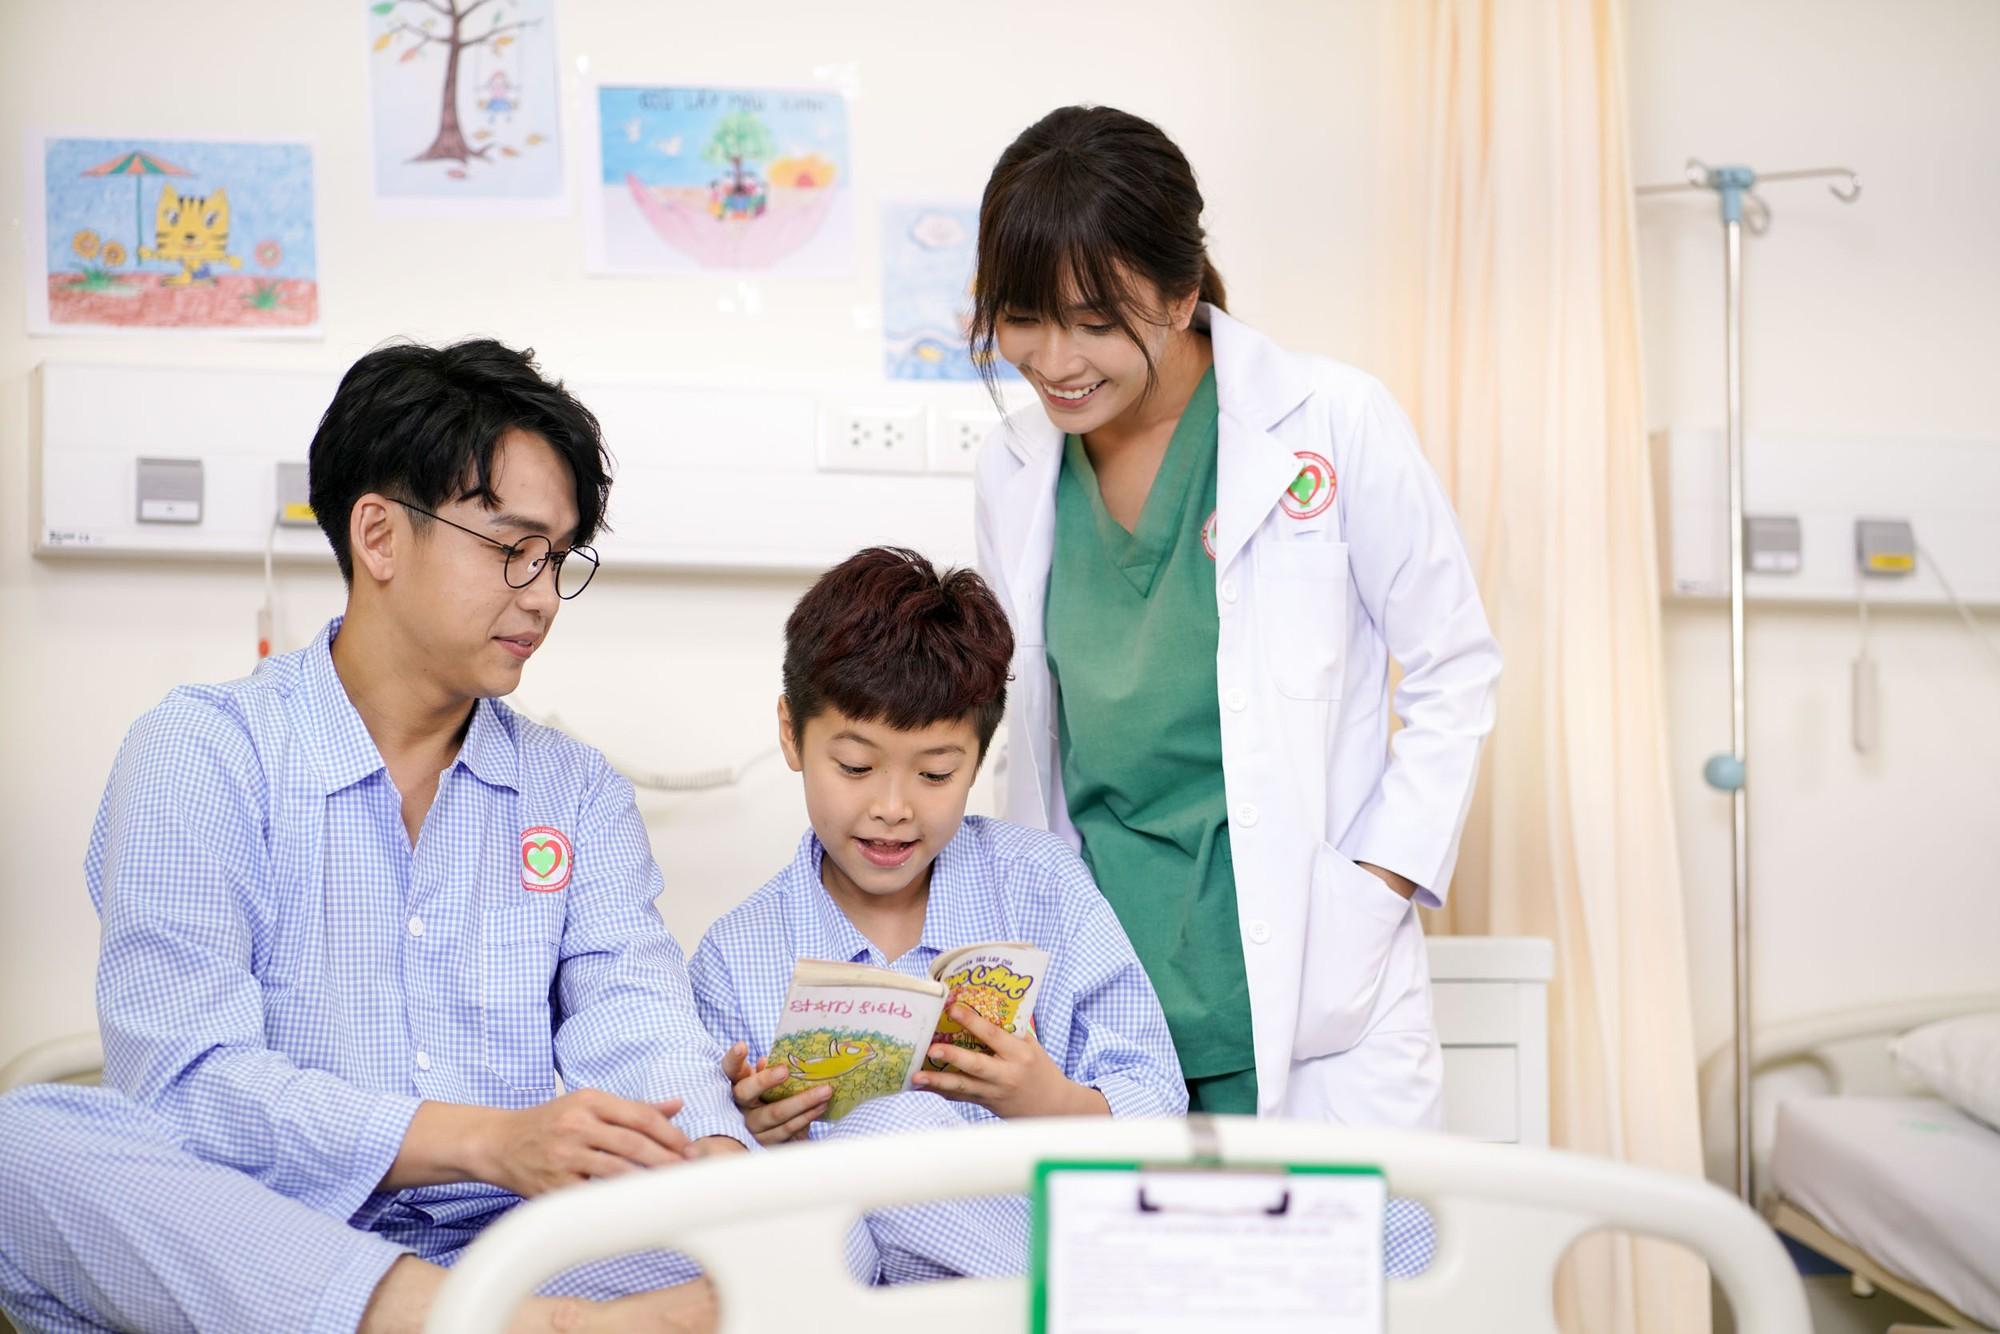 Ái Phương say đắm khoá môi MC Quang Bảo trong MV về chuyện tình bác sĩ - bệnh nhân - Ảnh 3.